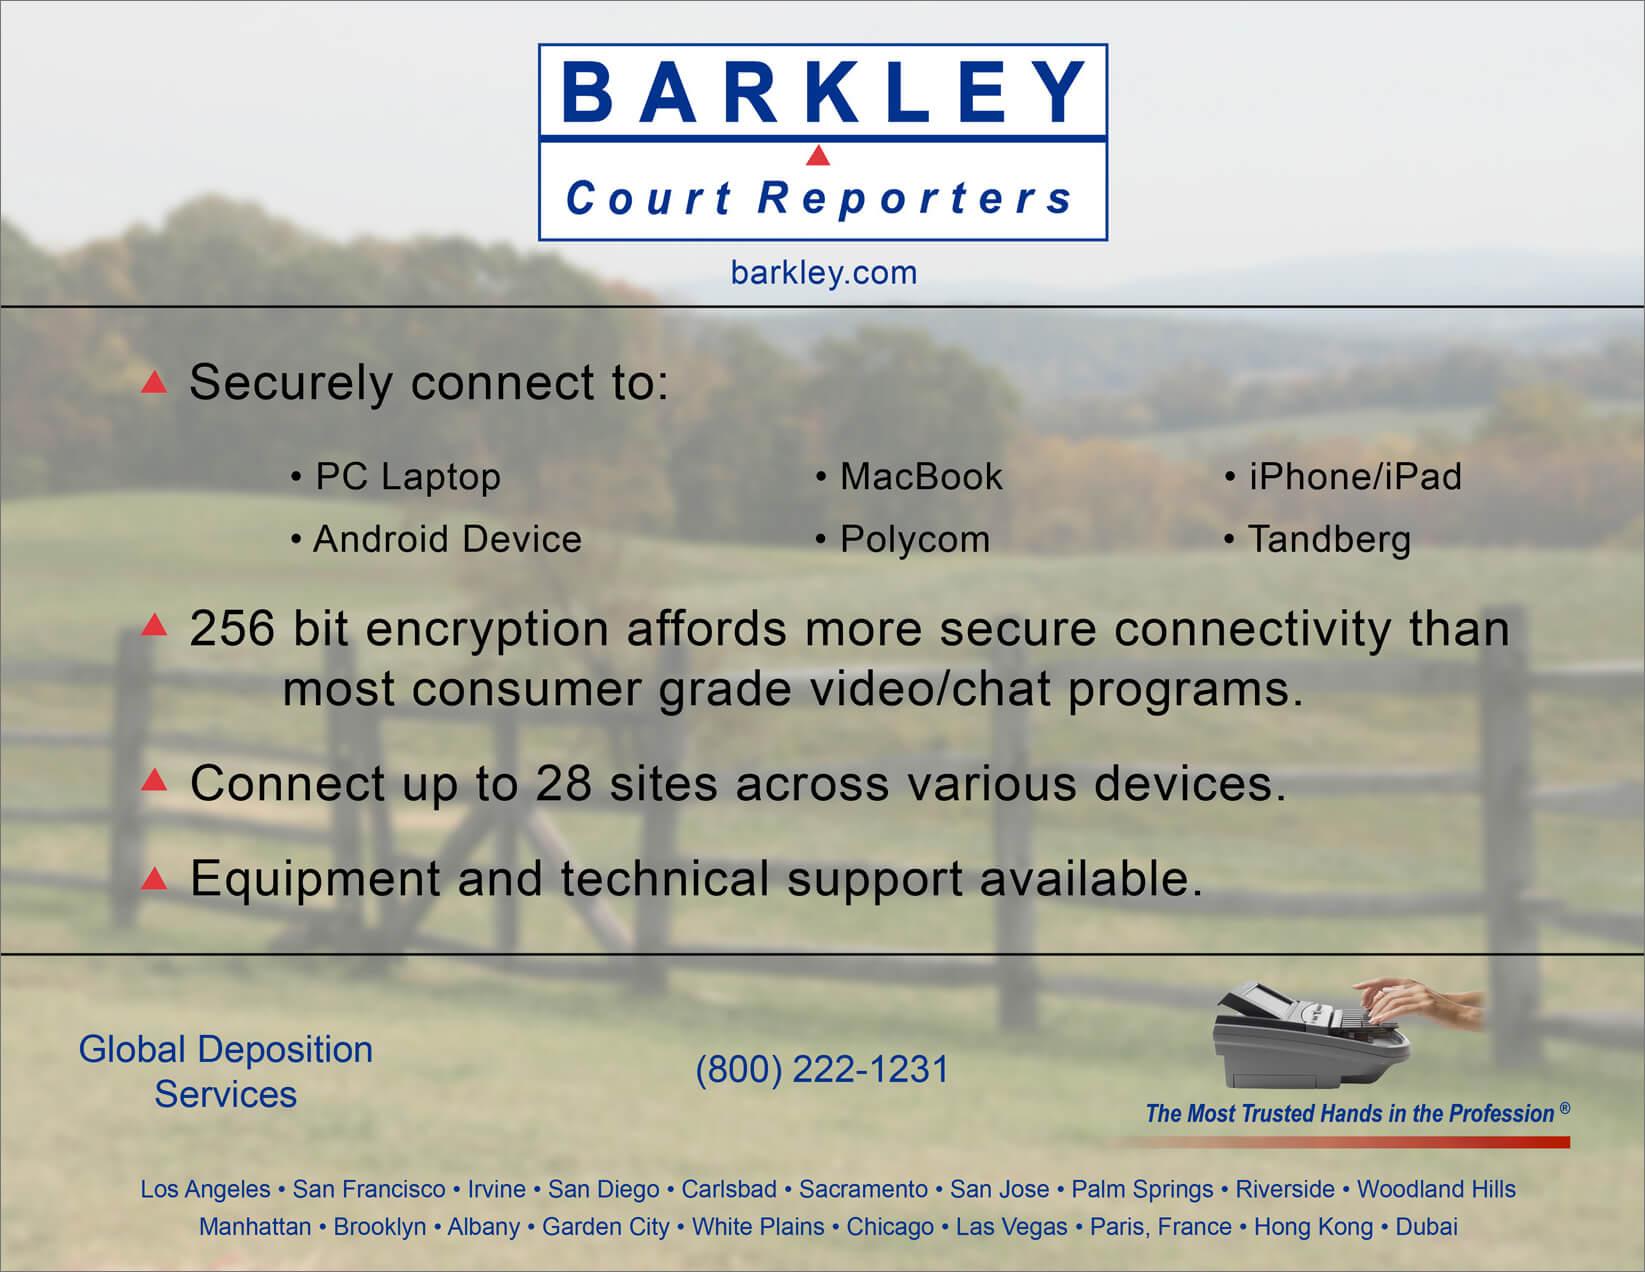 BarkleyMobileVC